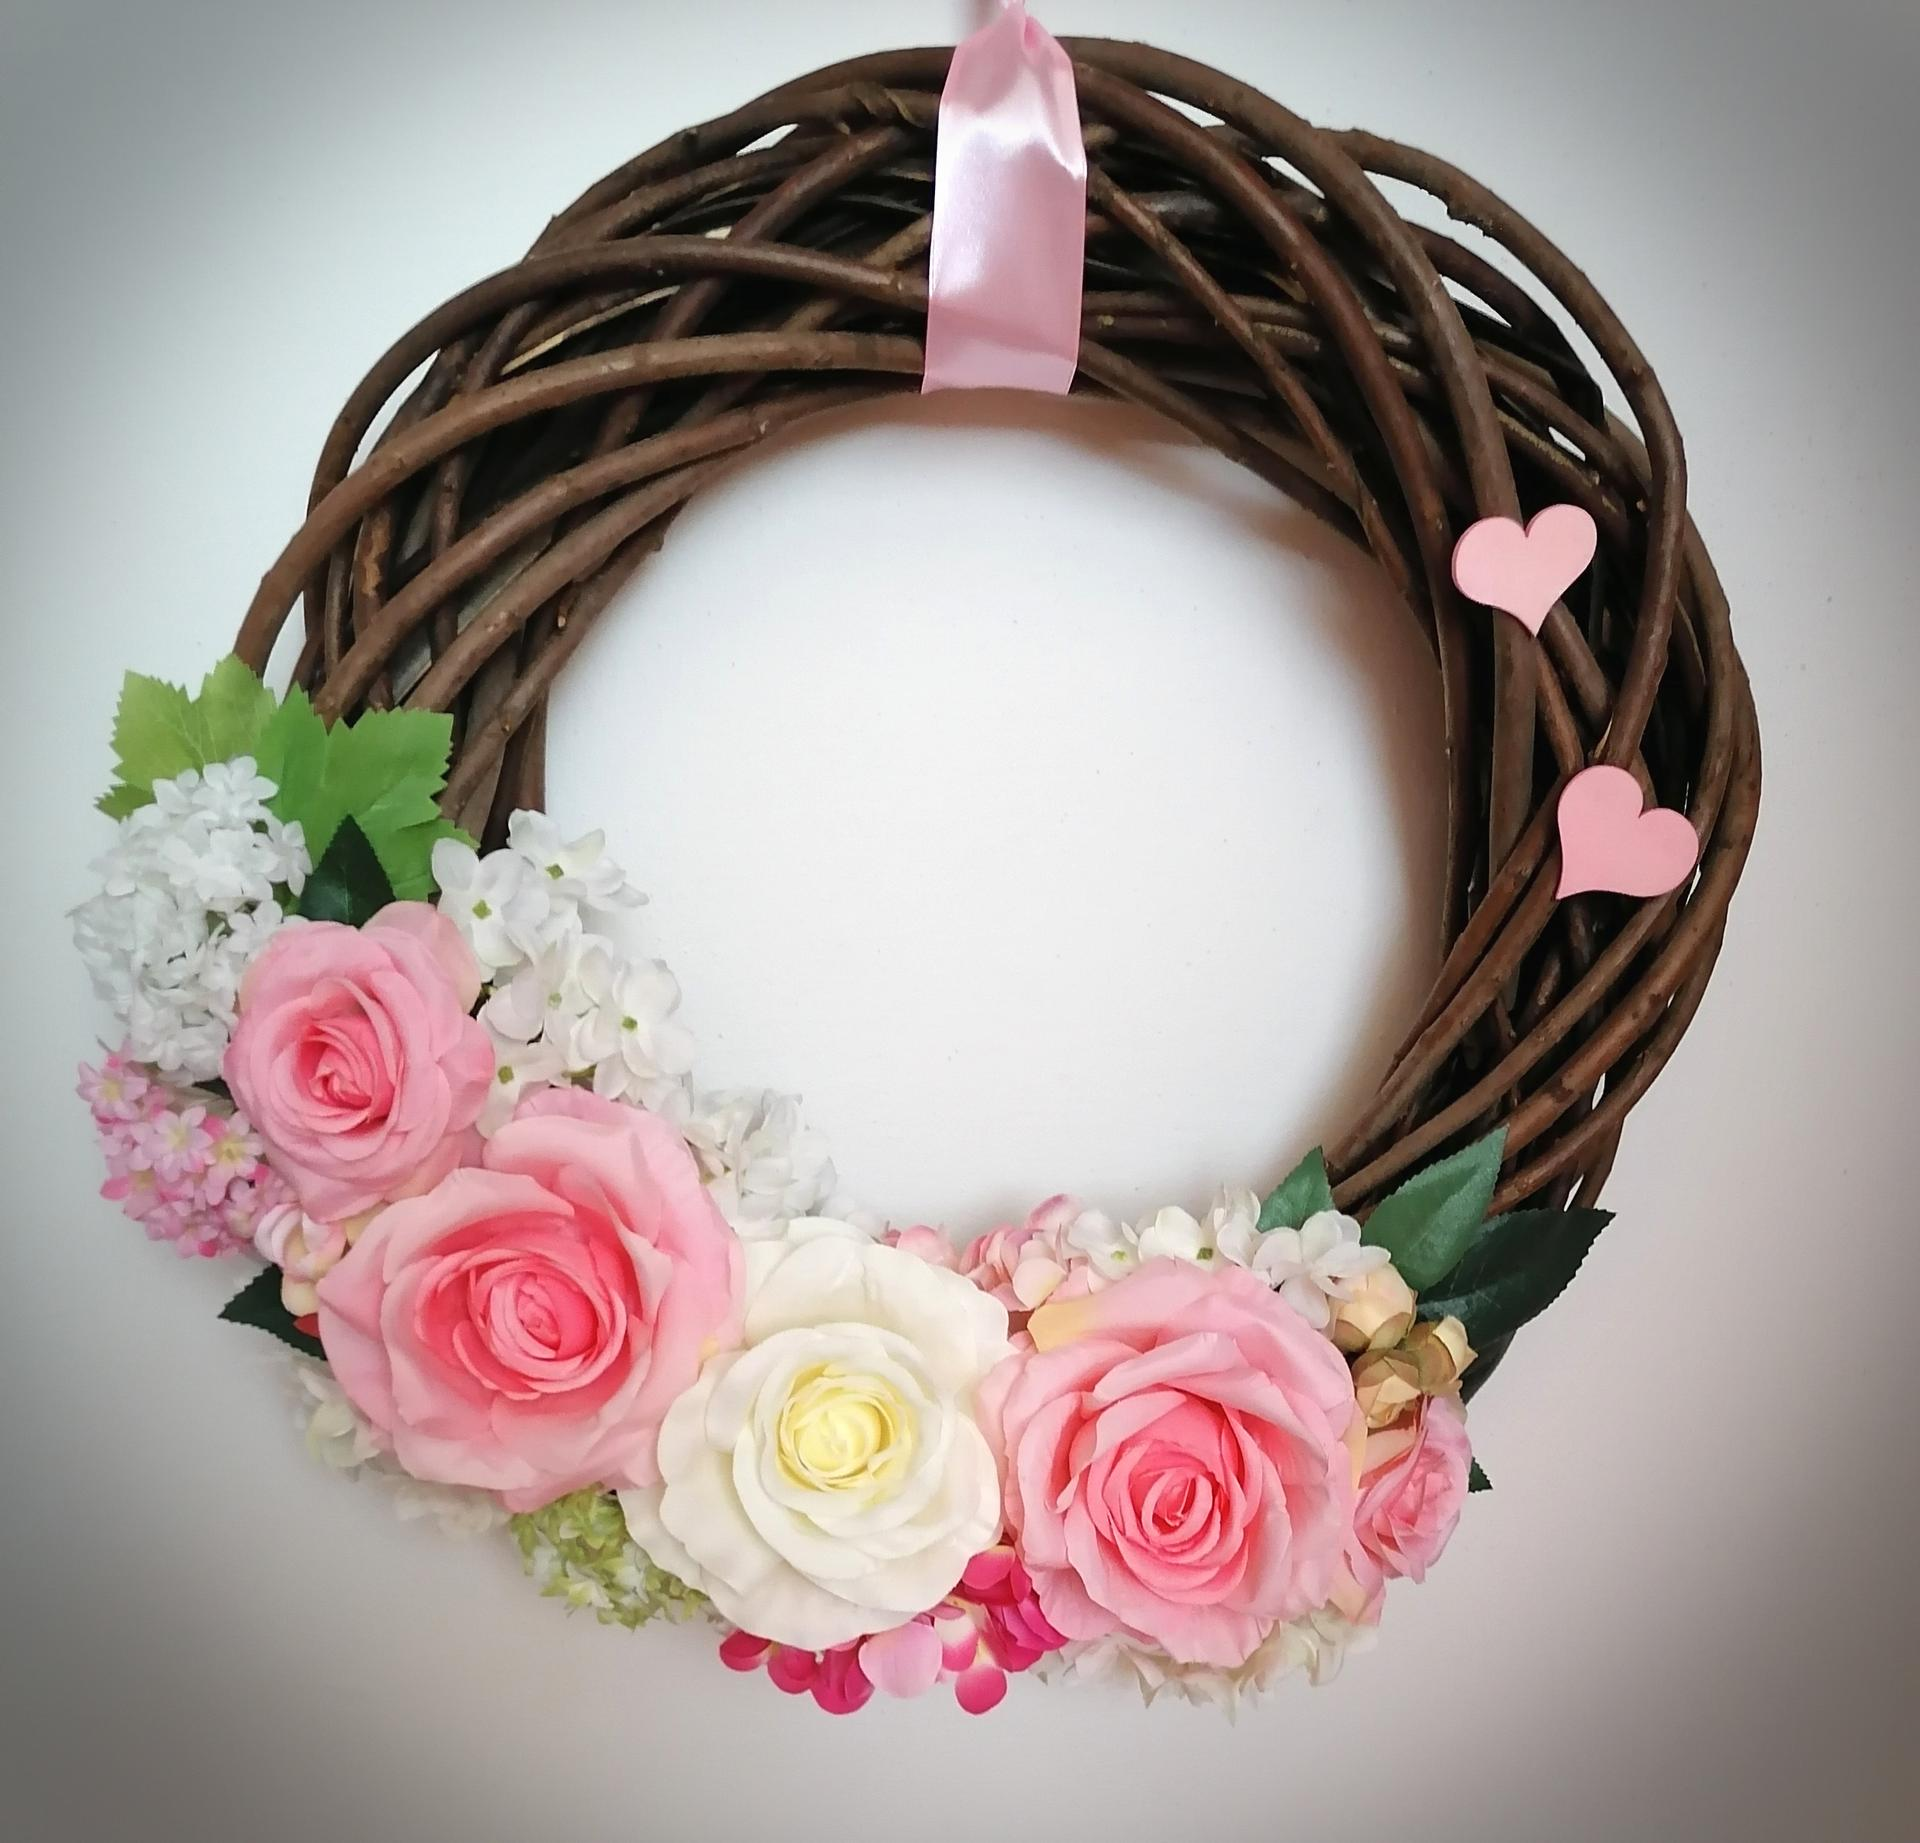 Svatební dekorace pro neteř M. - Obrázek č. 6